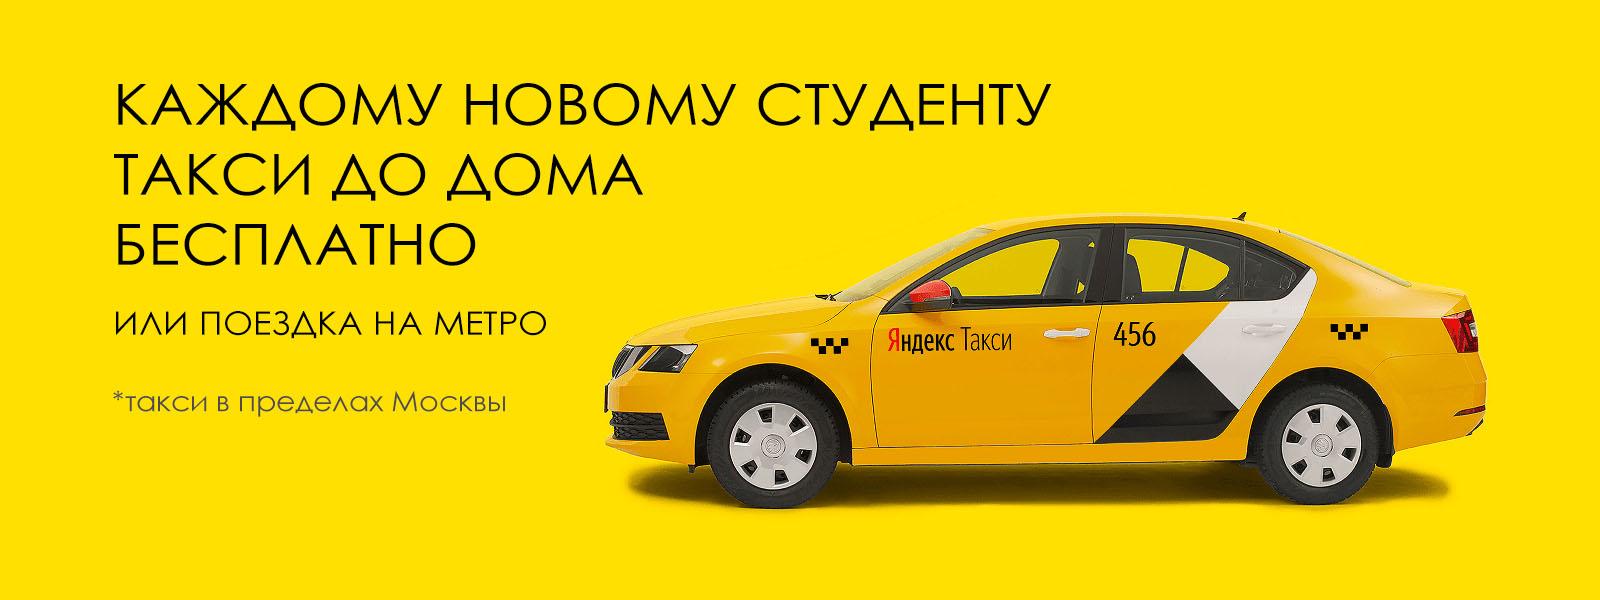 Акция такси